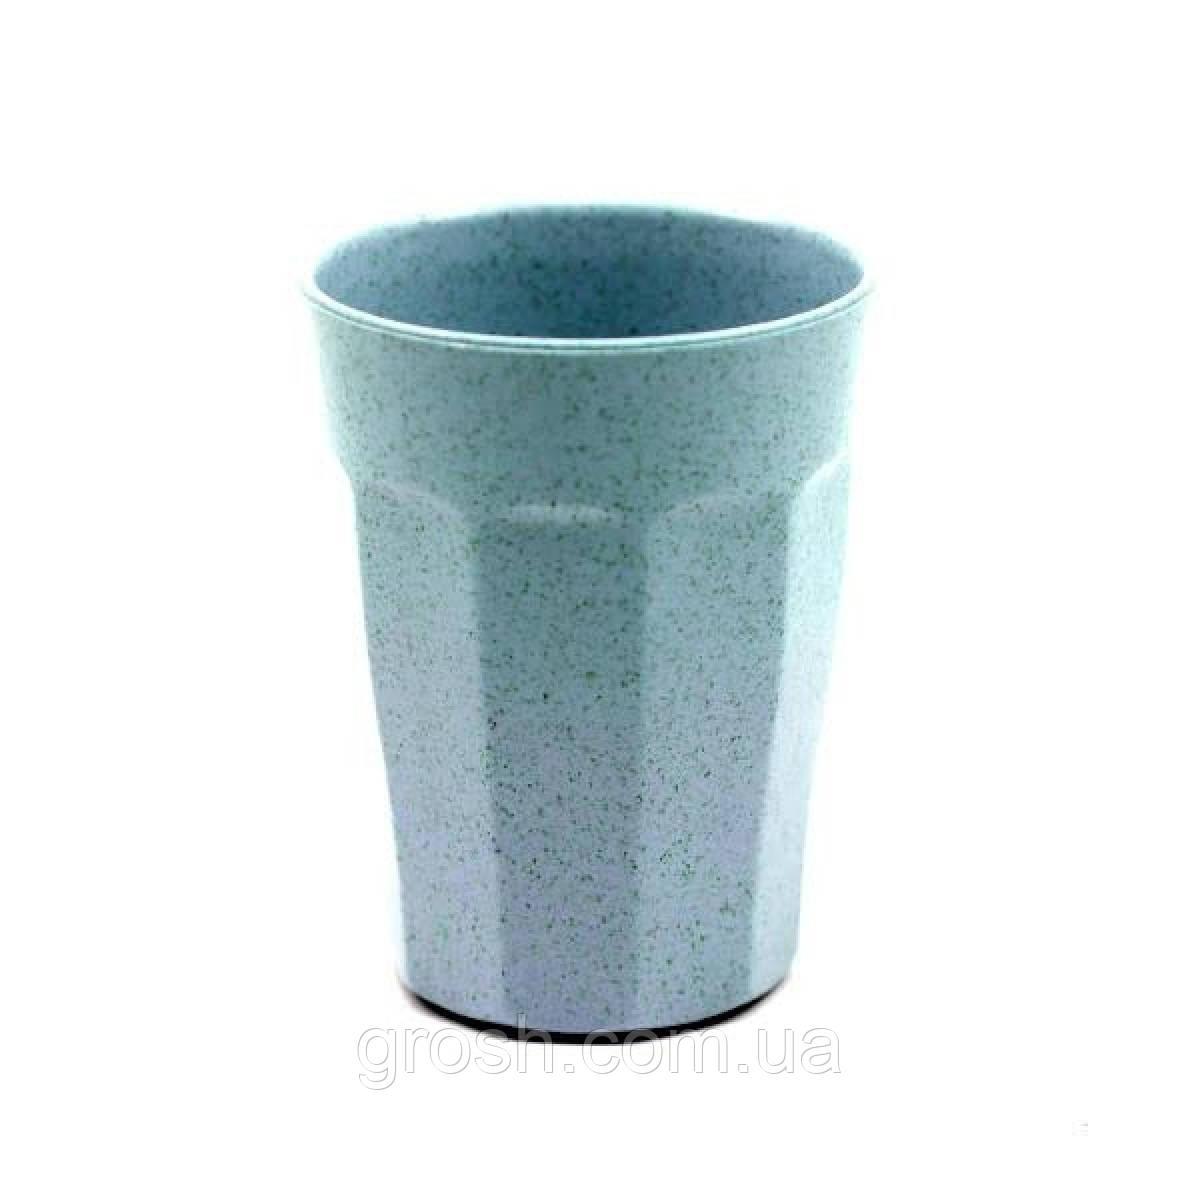 Стакан с присоской непроливайка гранит suction cup